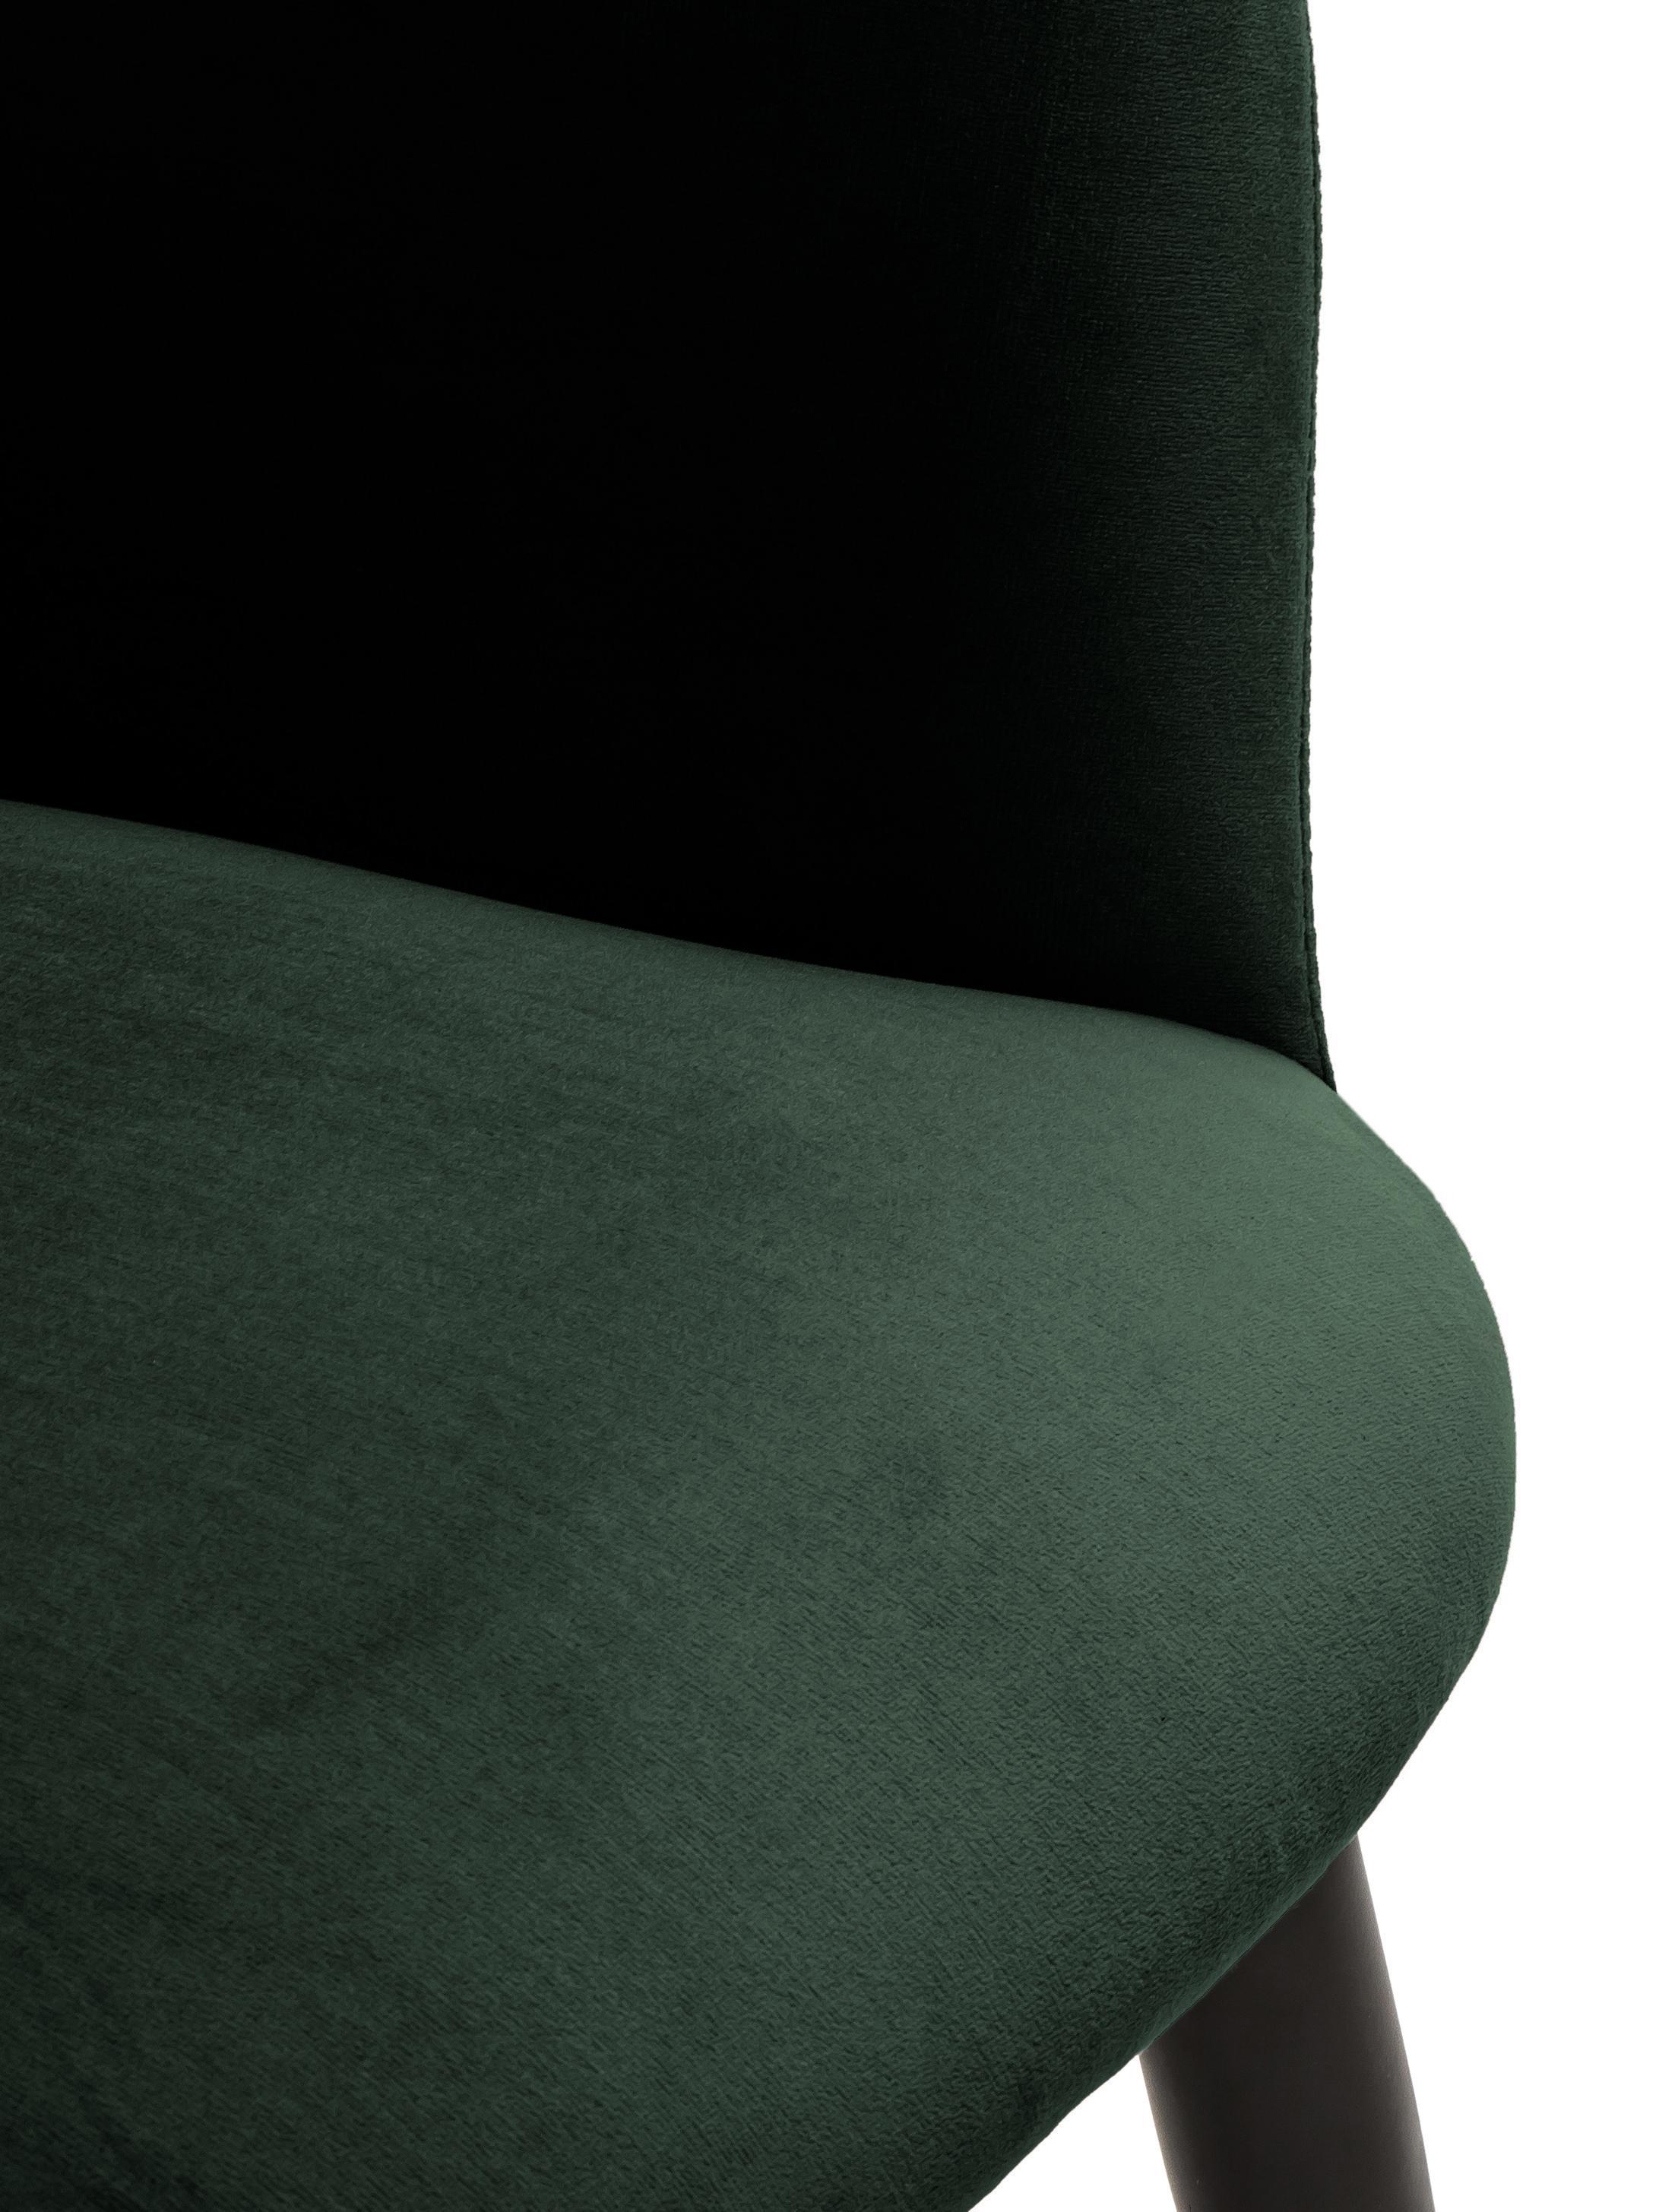 Sedia con braccioli in velluto Rachel, Rivestimento: velluto (poliestere) 50.0, Gambe: metallo verniciato a polv, Rivestimento: verde scuro Gambe: nero opaco, Larg. 47 x Prof. 64 cm